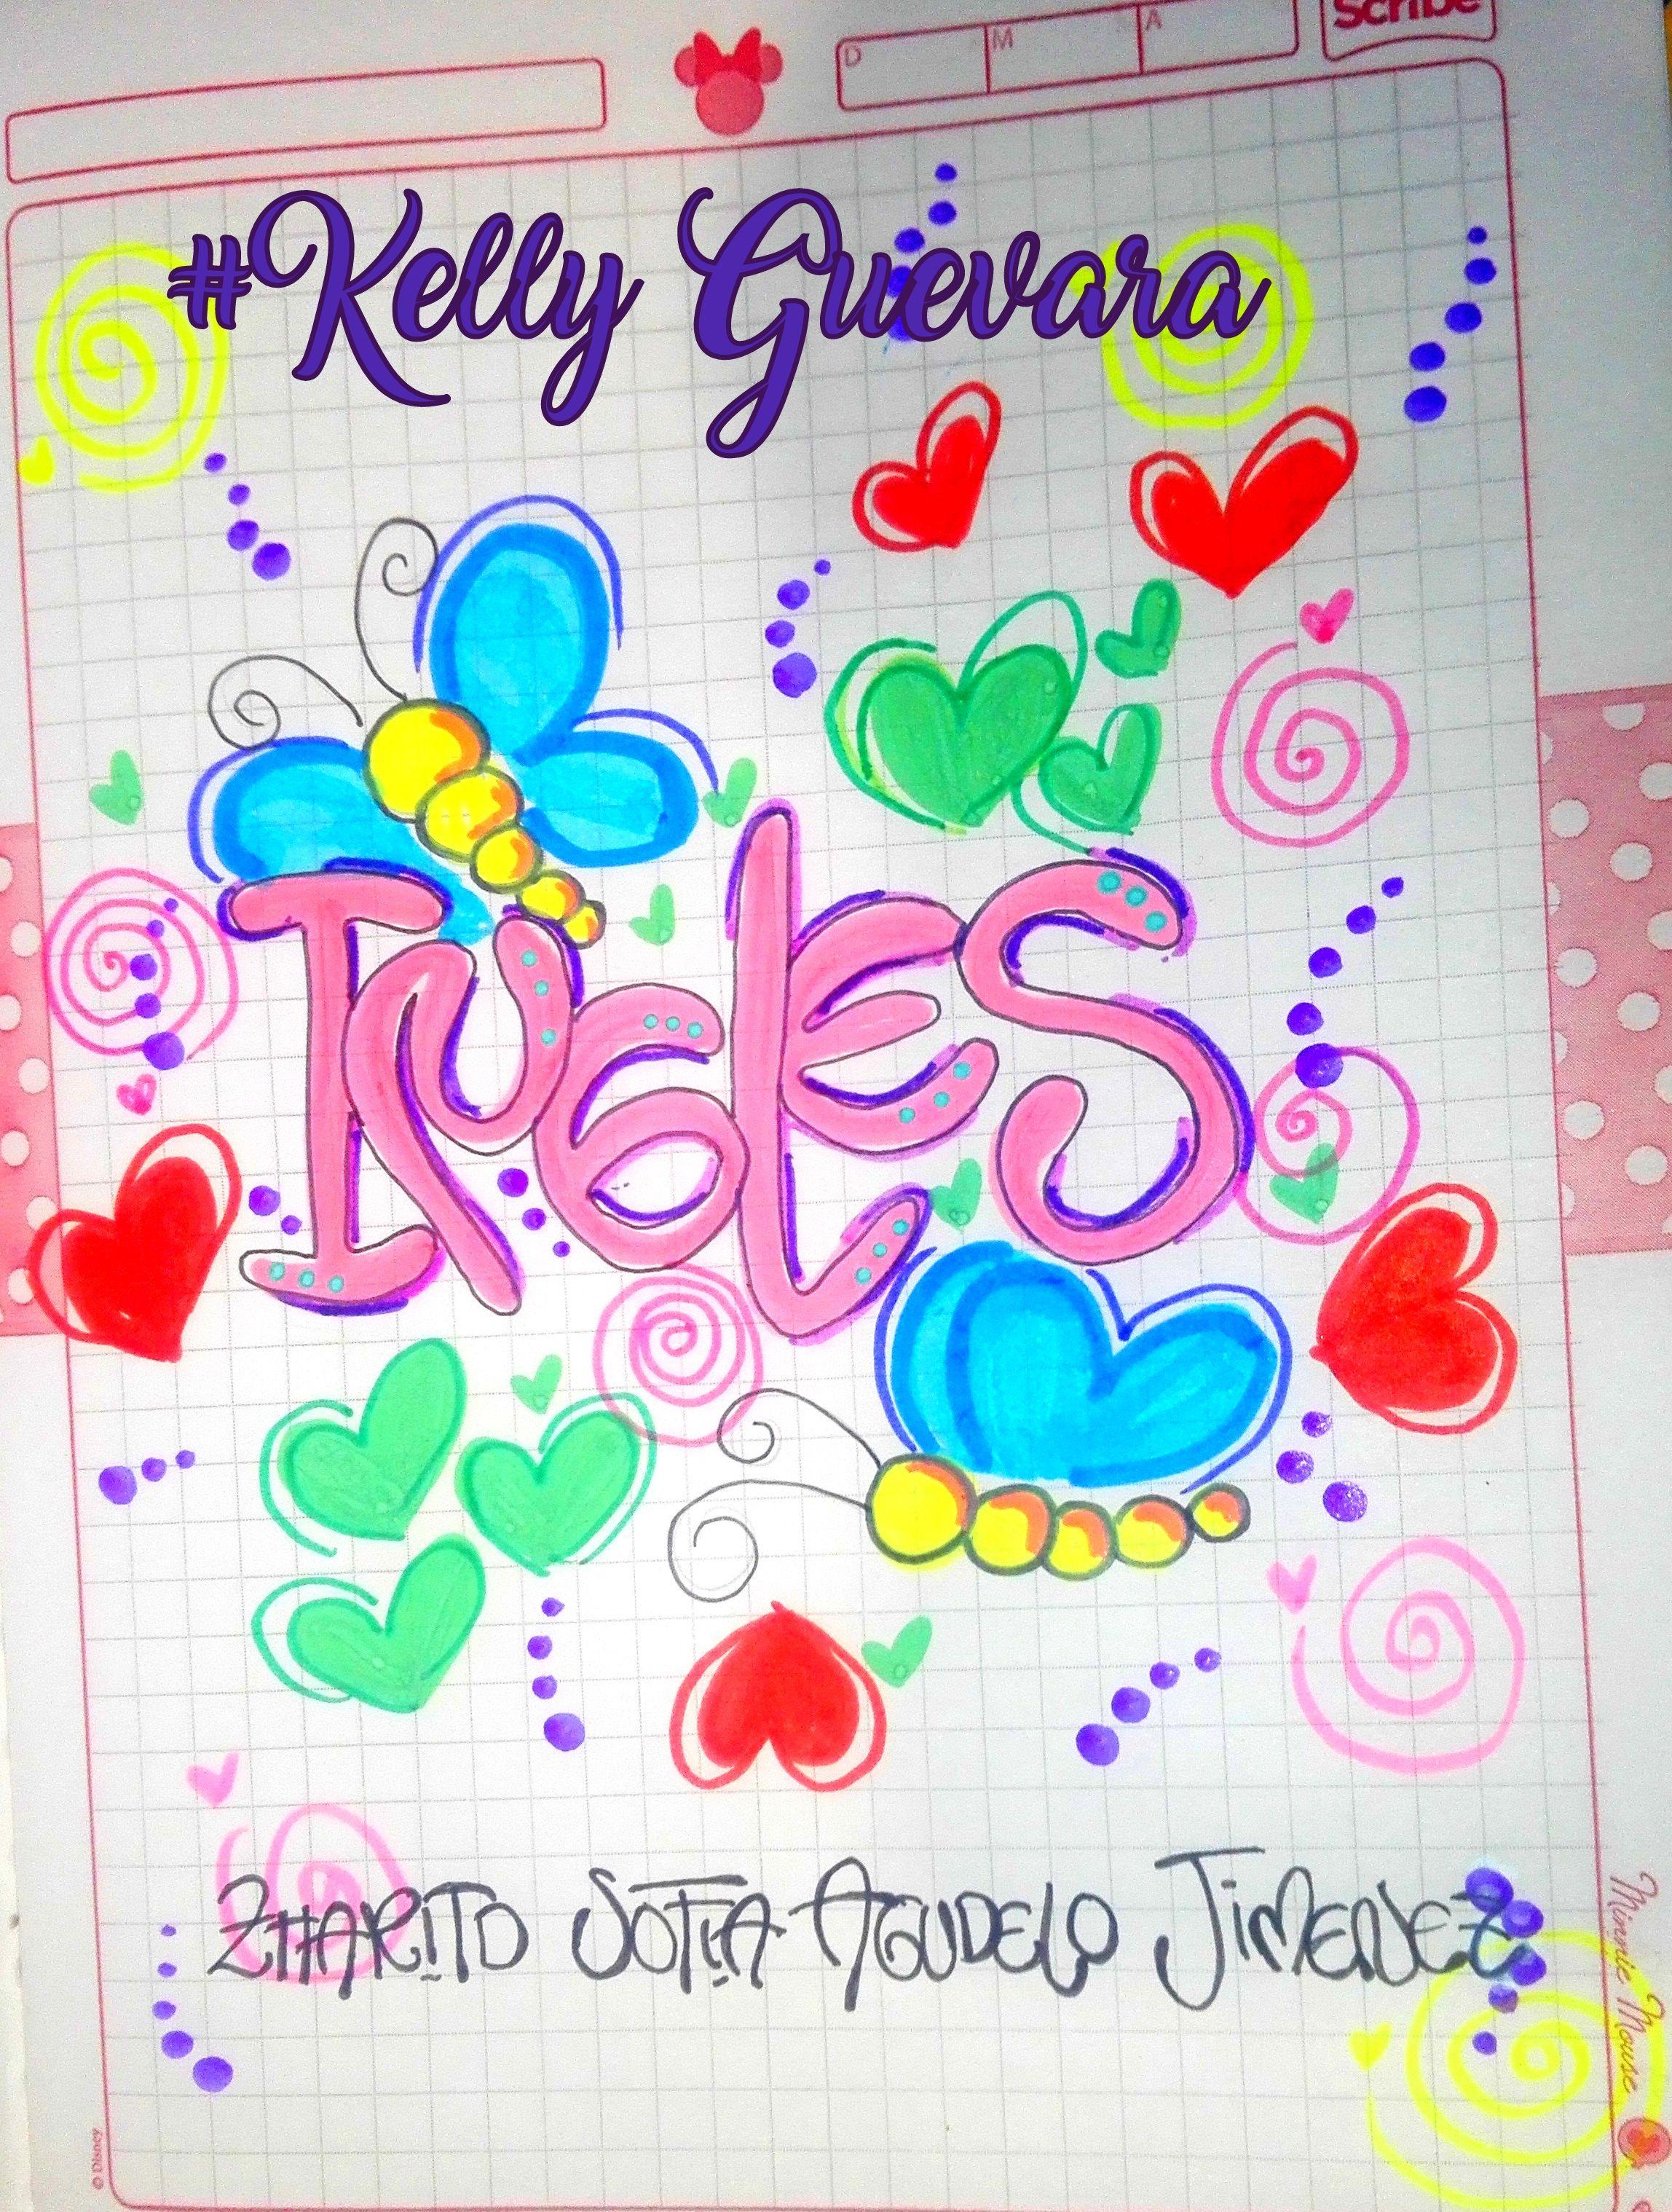 Cuadernos Kellyguevara Con Imagenes Cuadernos Creativos